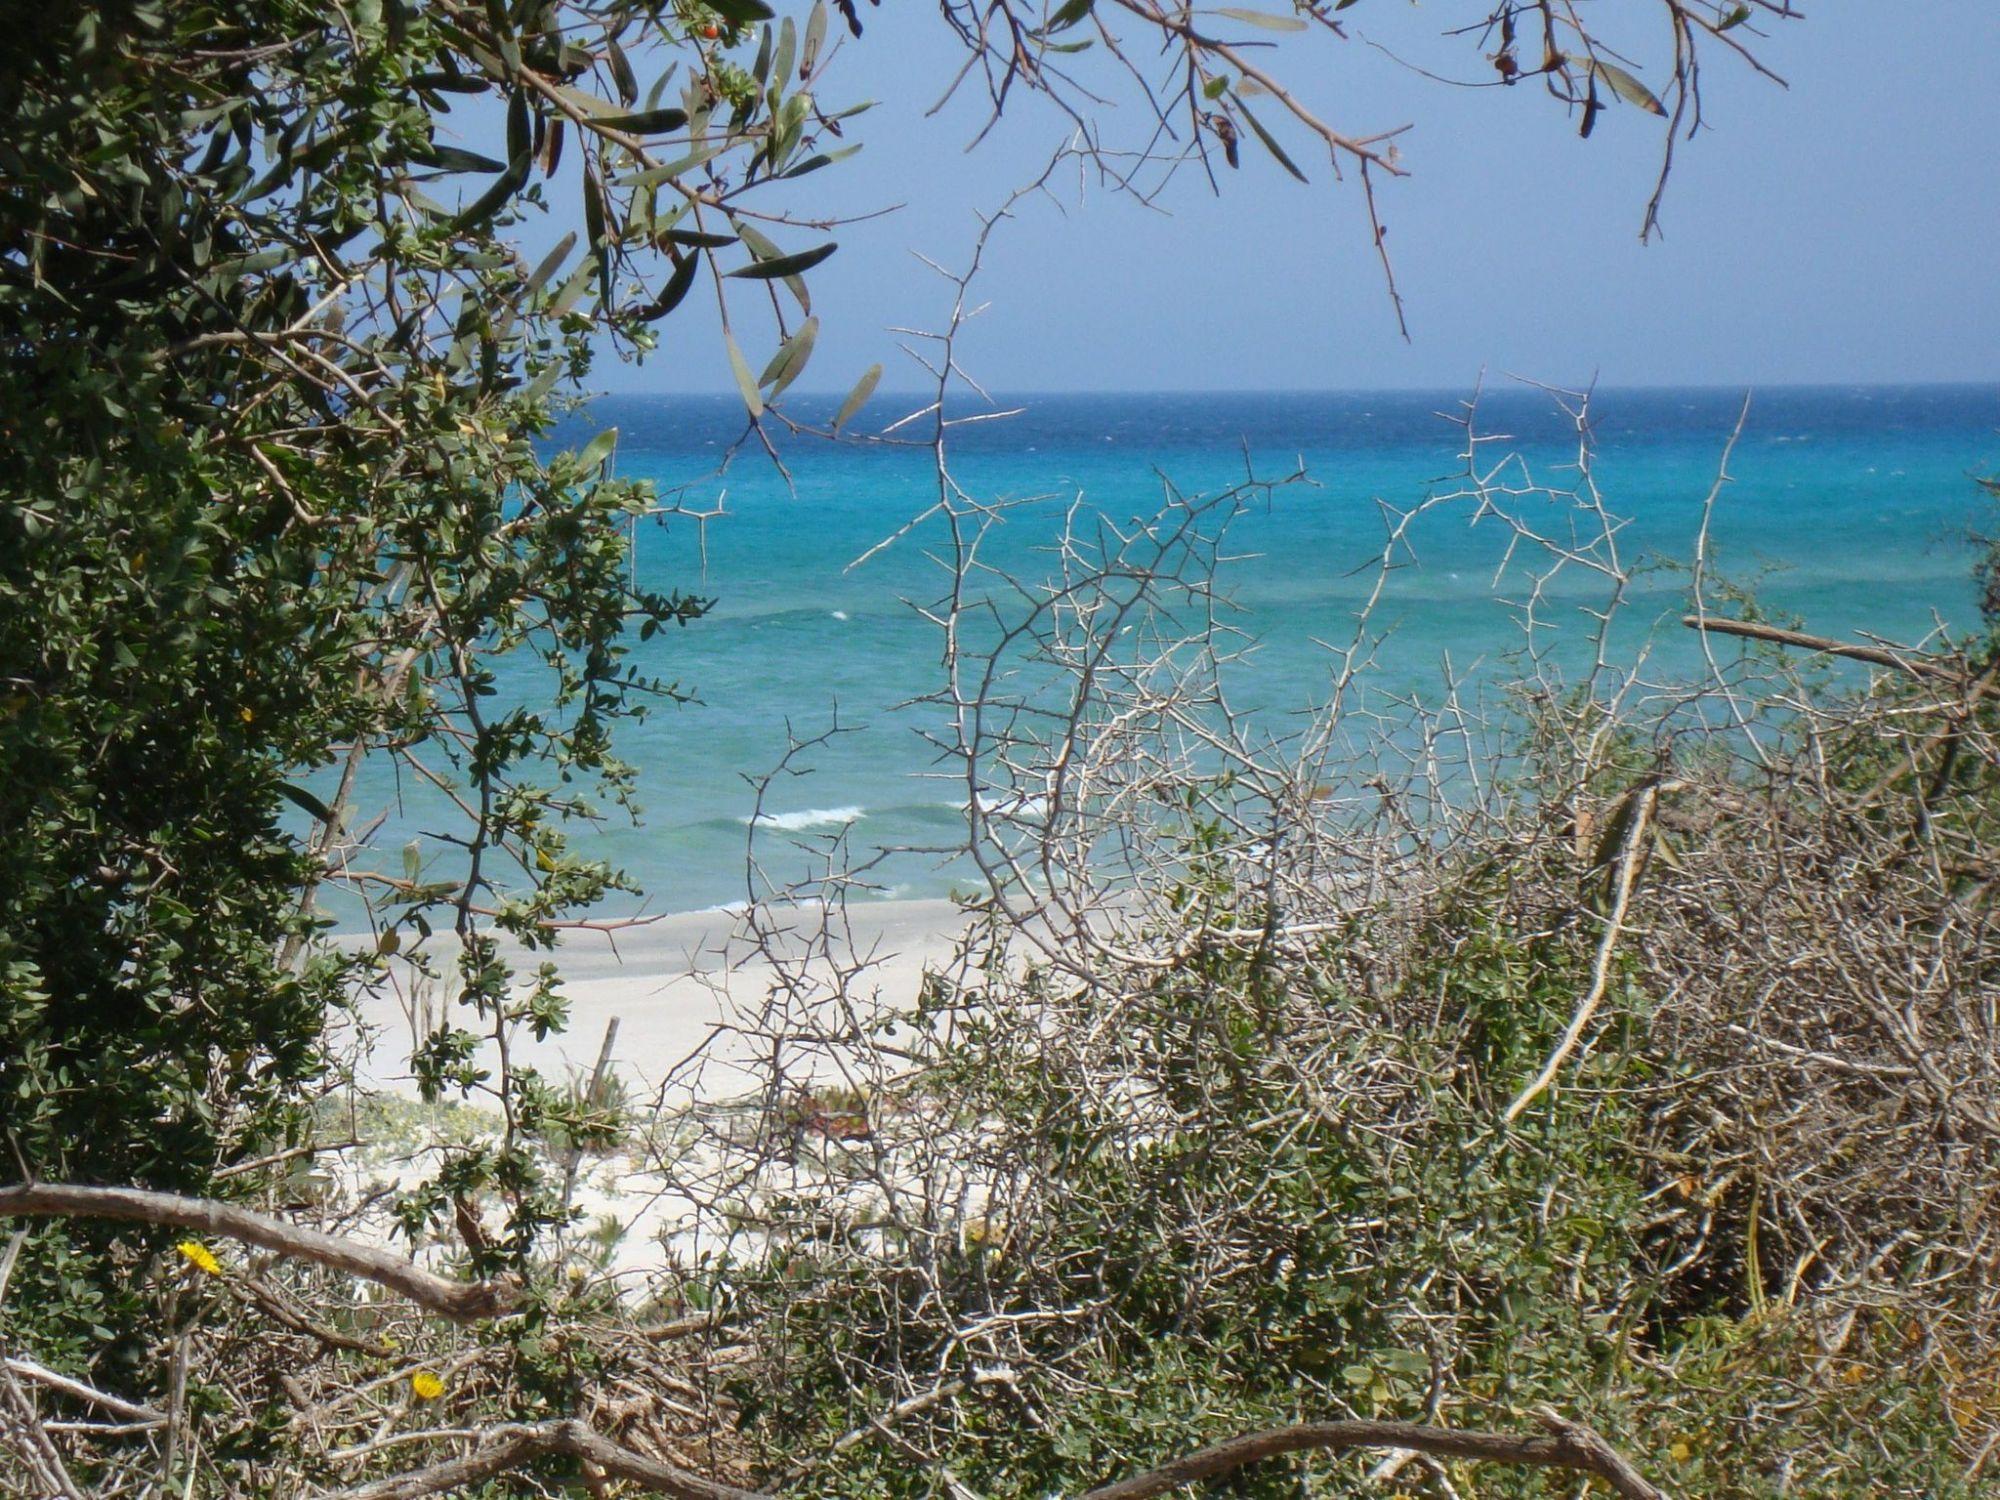 Investis à kelibia près de la plage hammam elghezaz